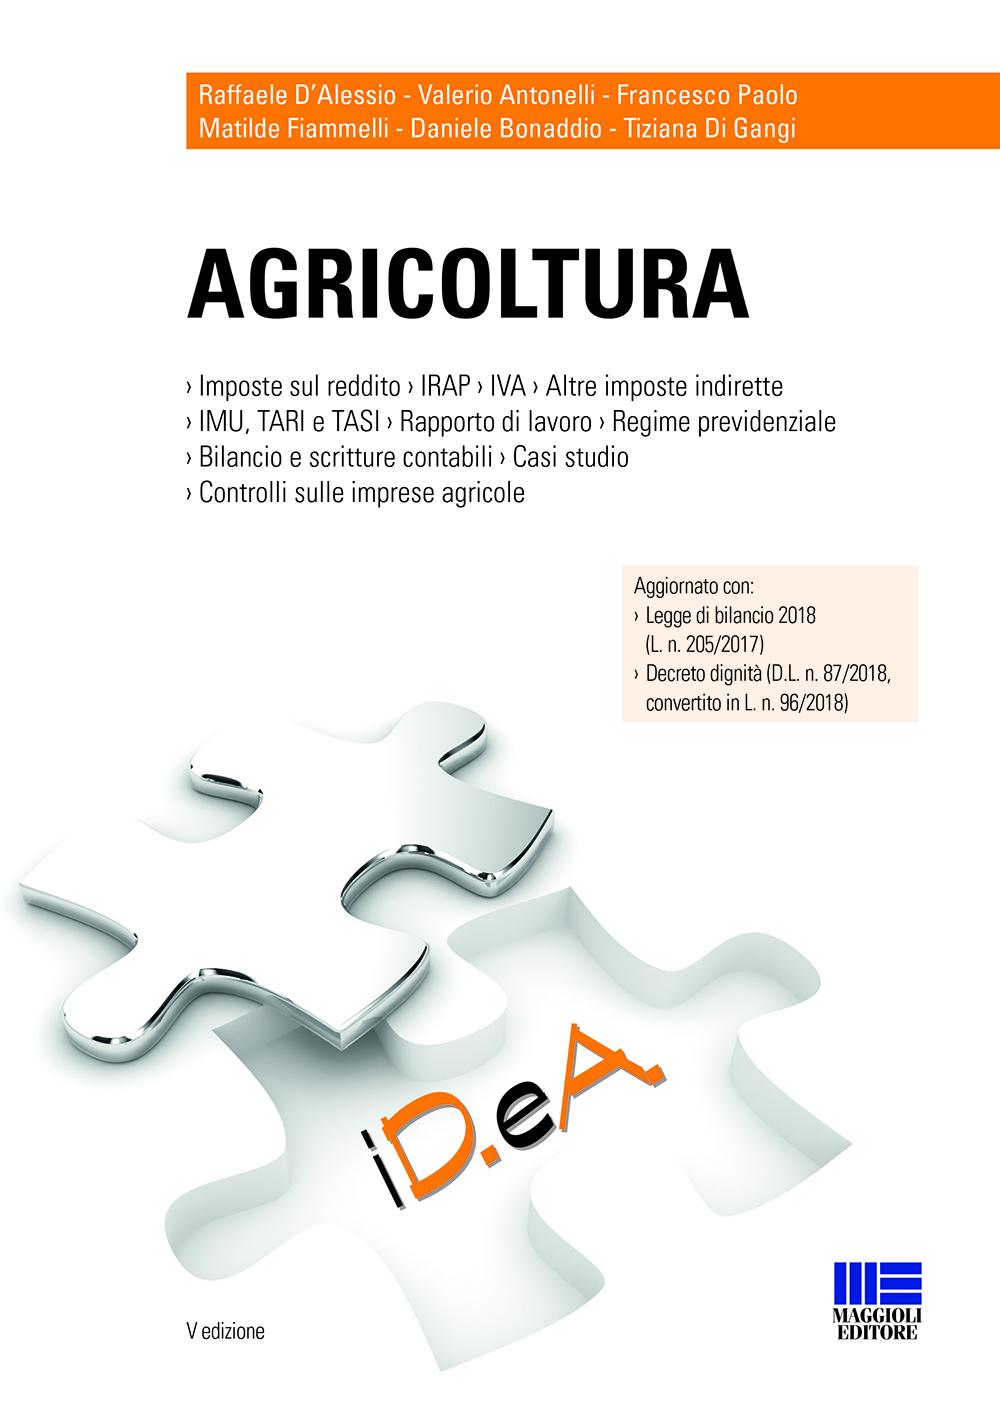 Agricoltura - Libro di carta